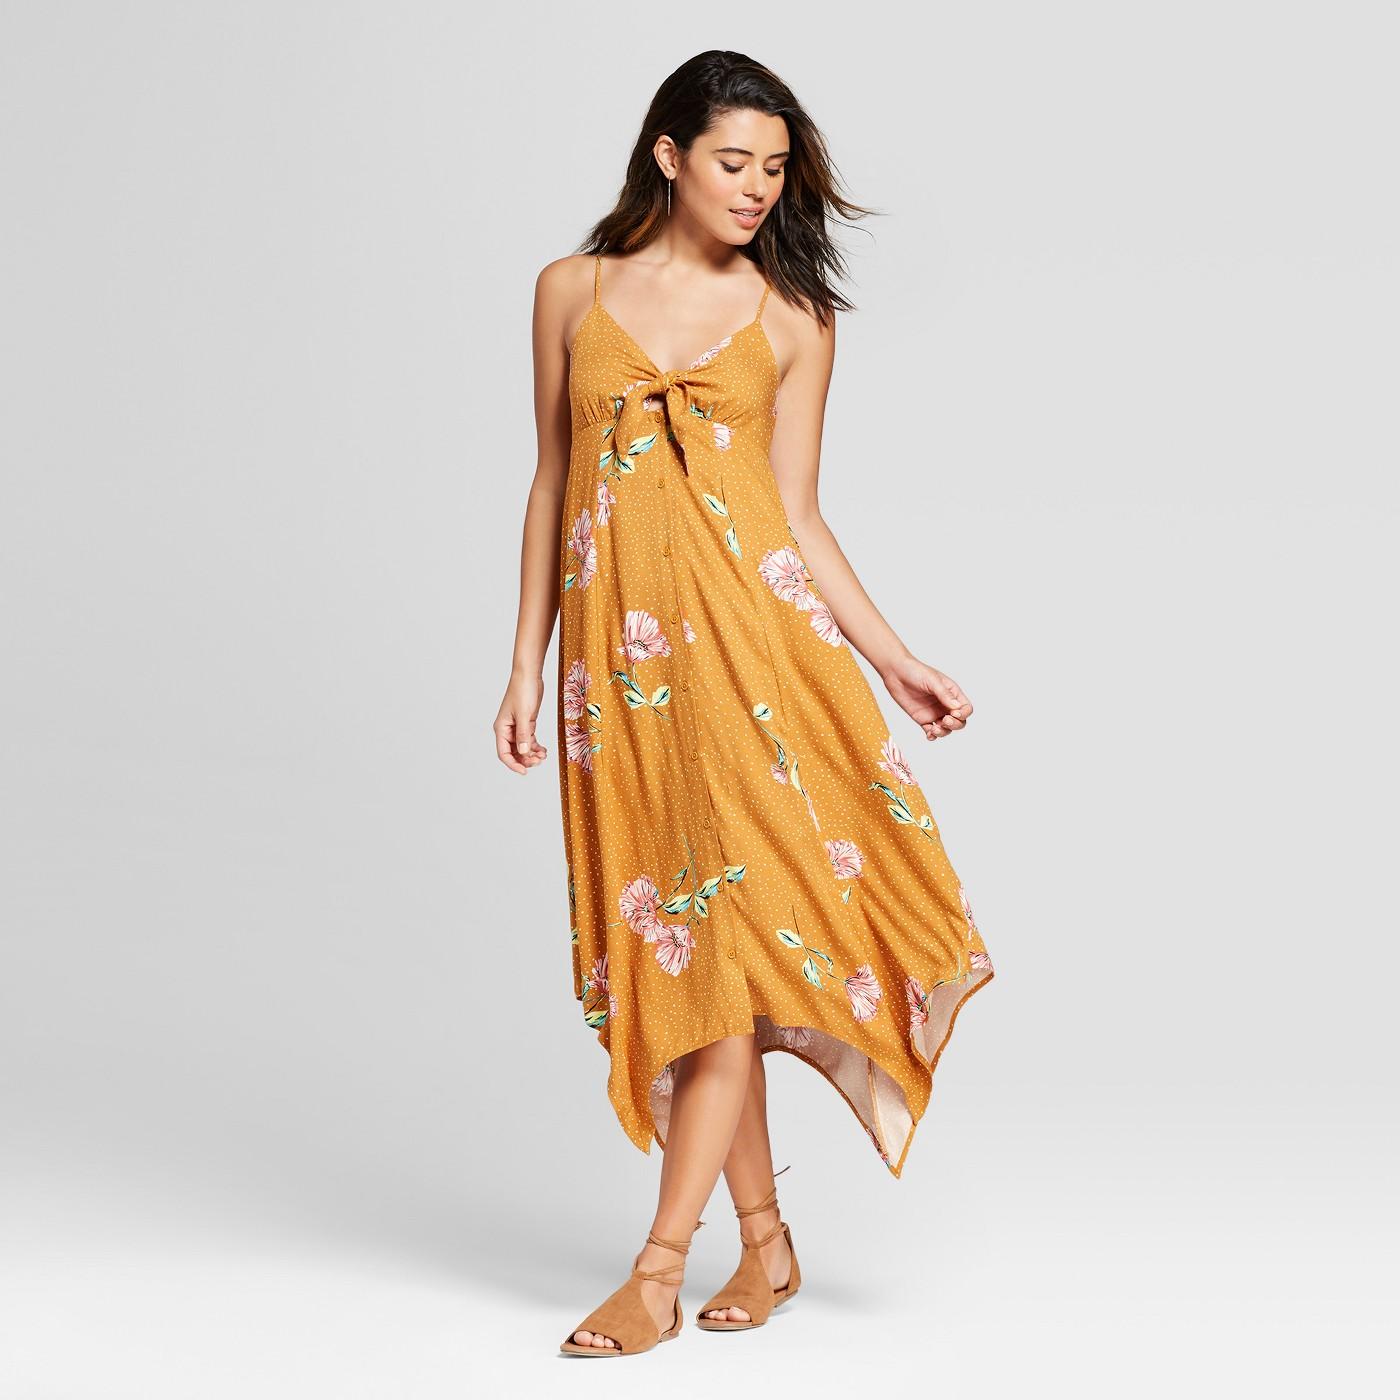 maxi dresses best under 35 summer target orange floral flowing